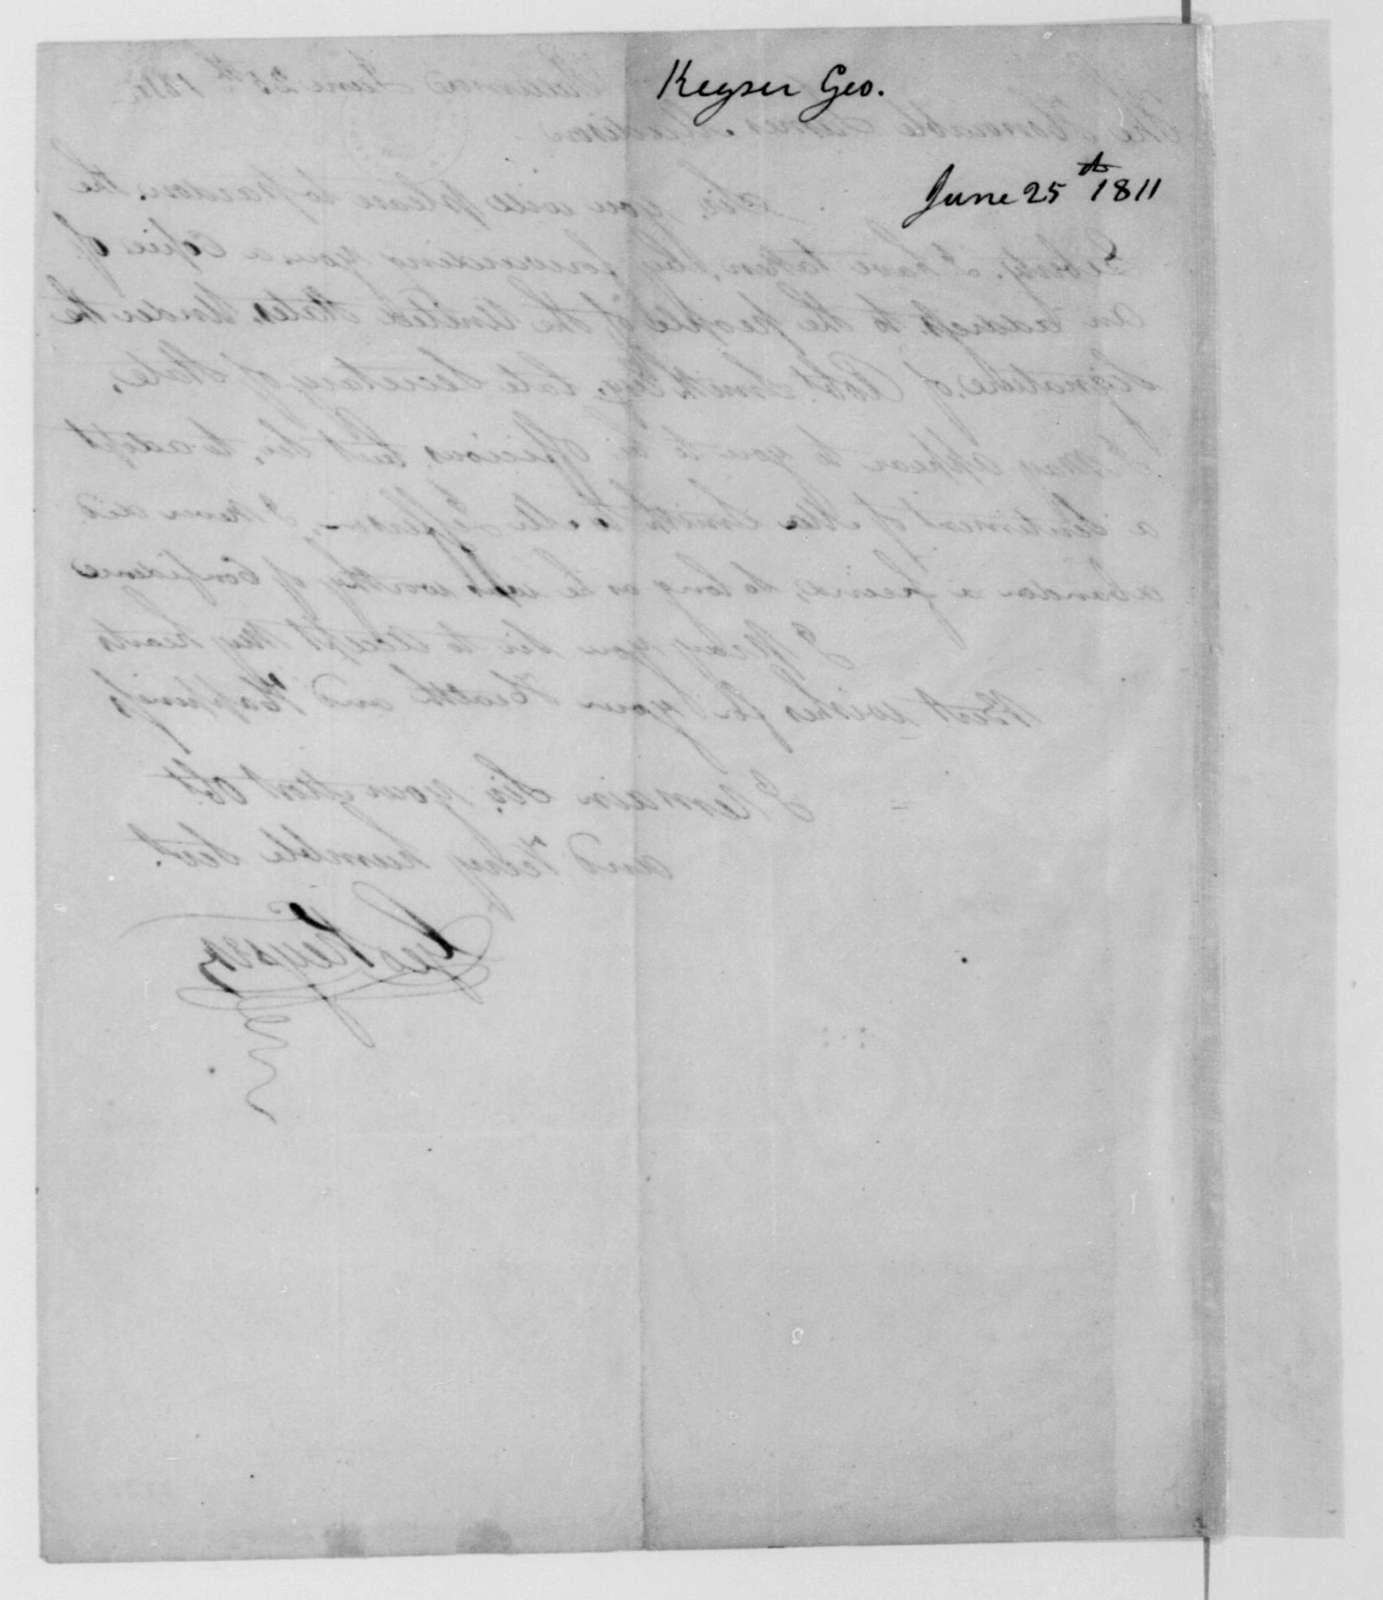 George Keyser to James Madison, June 25, 1811.